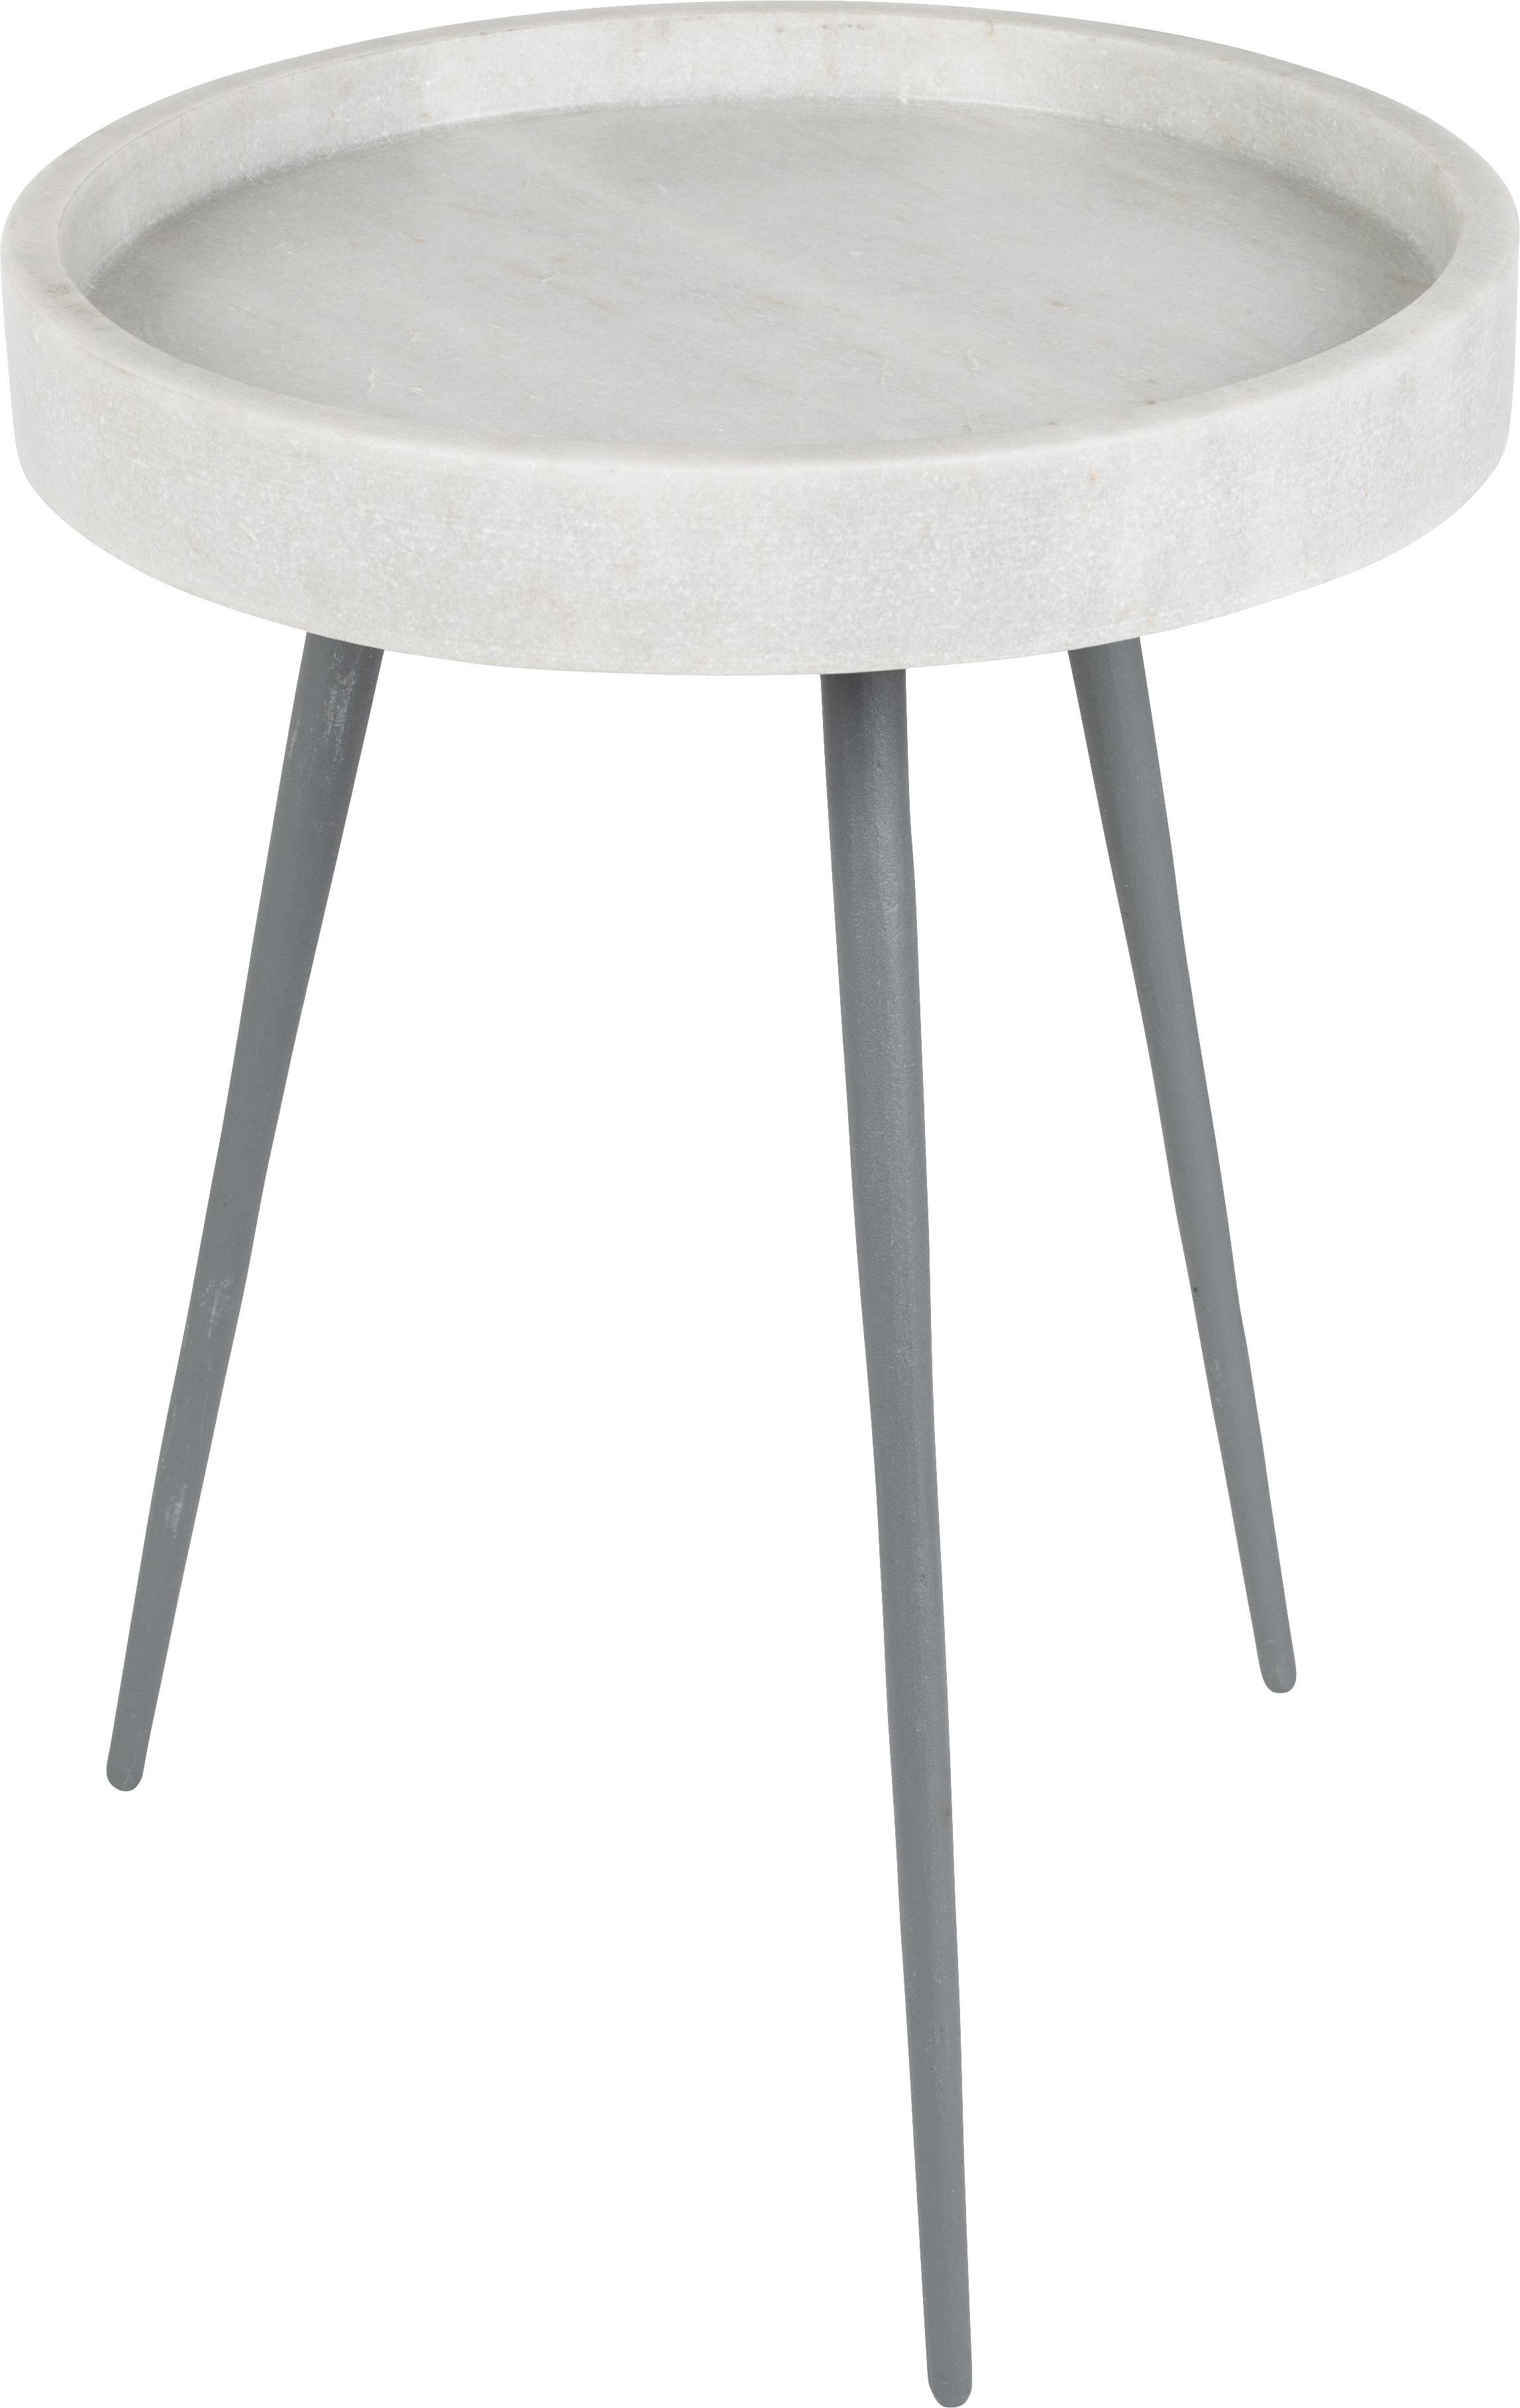 Mesa auxiliar redonda de mármol Karrara, Tablero: mármol, Patas: metal con pintura en polv, Blanco, gris, Ø 33 x Al 45 cm